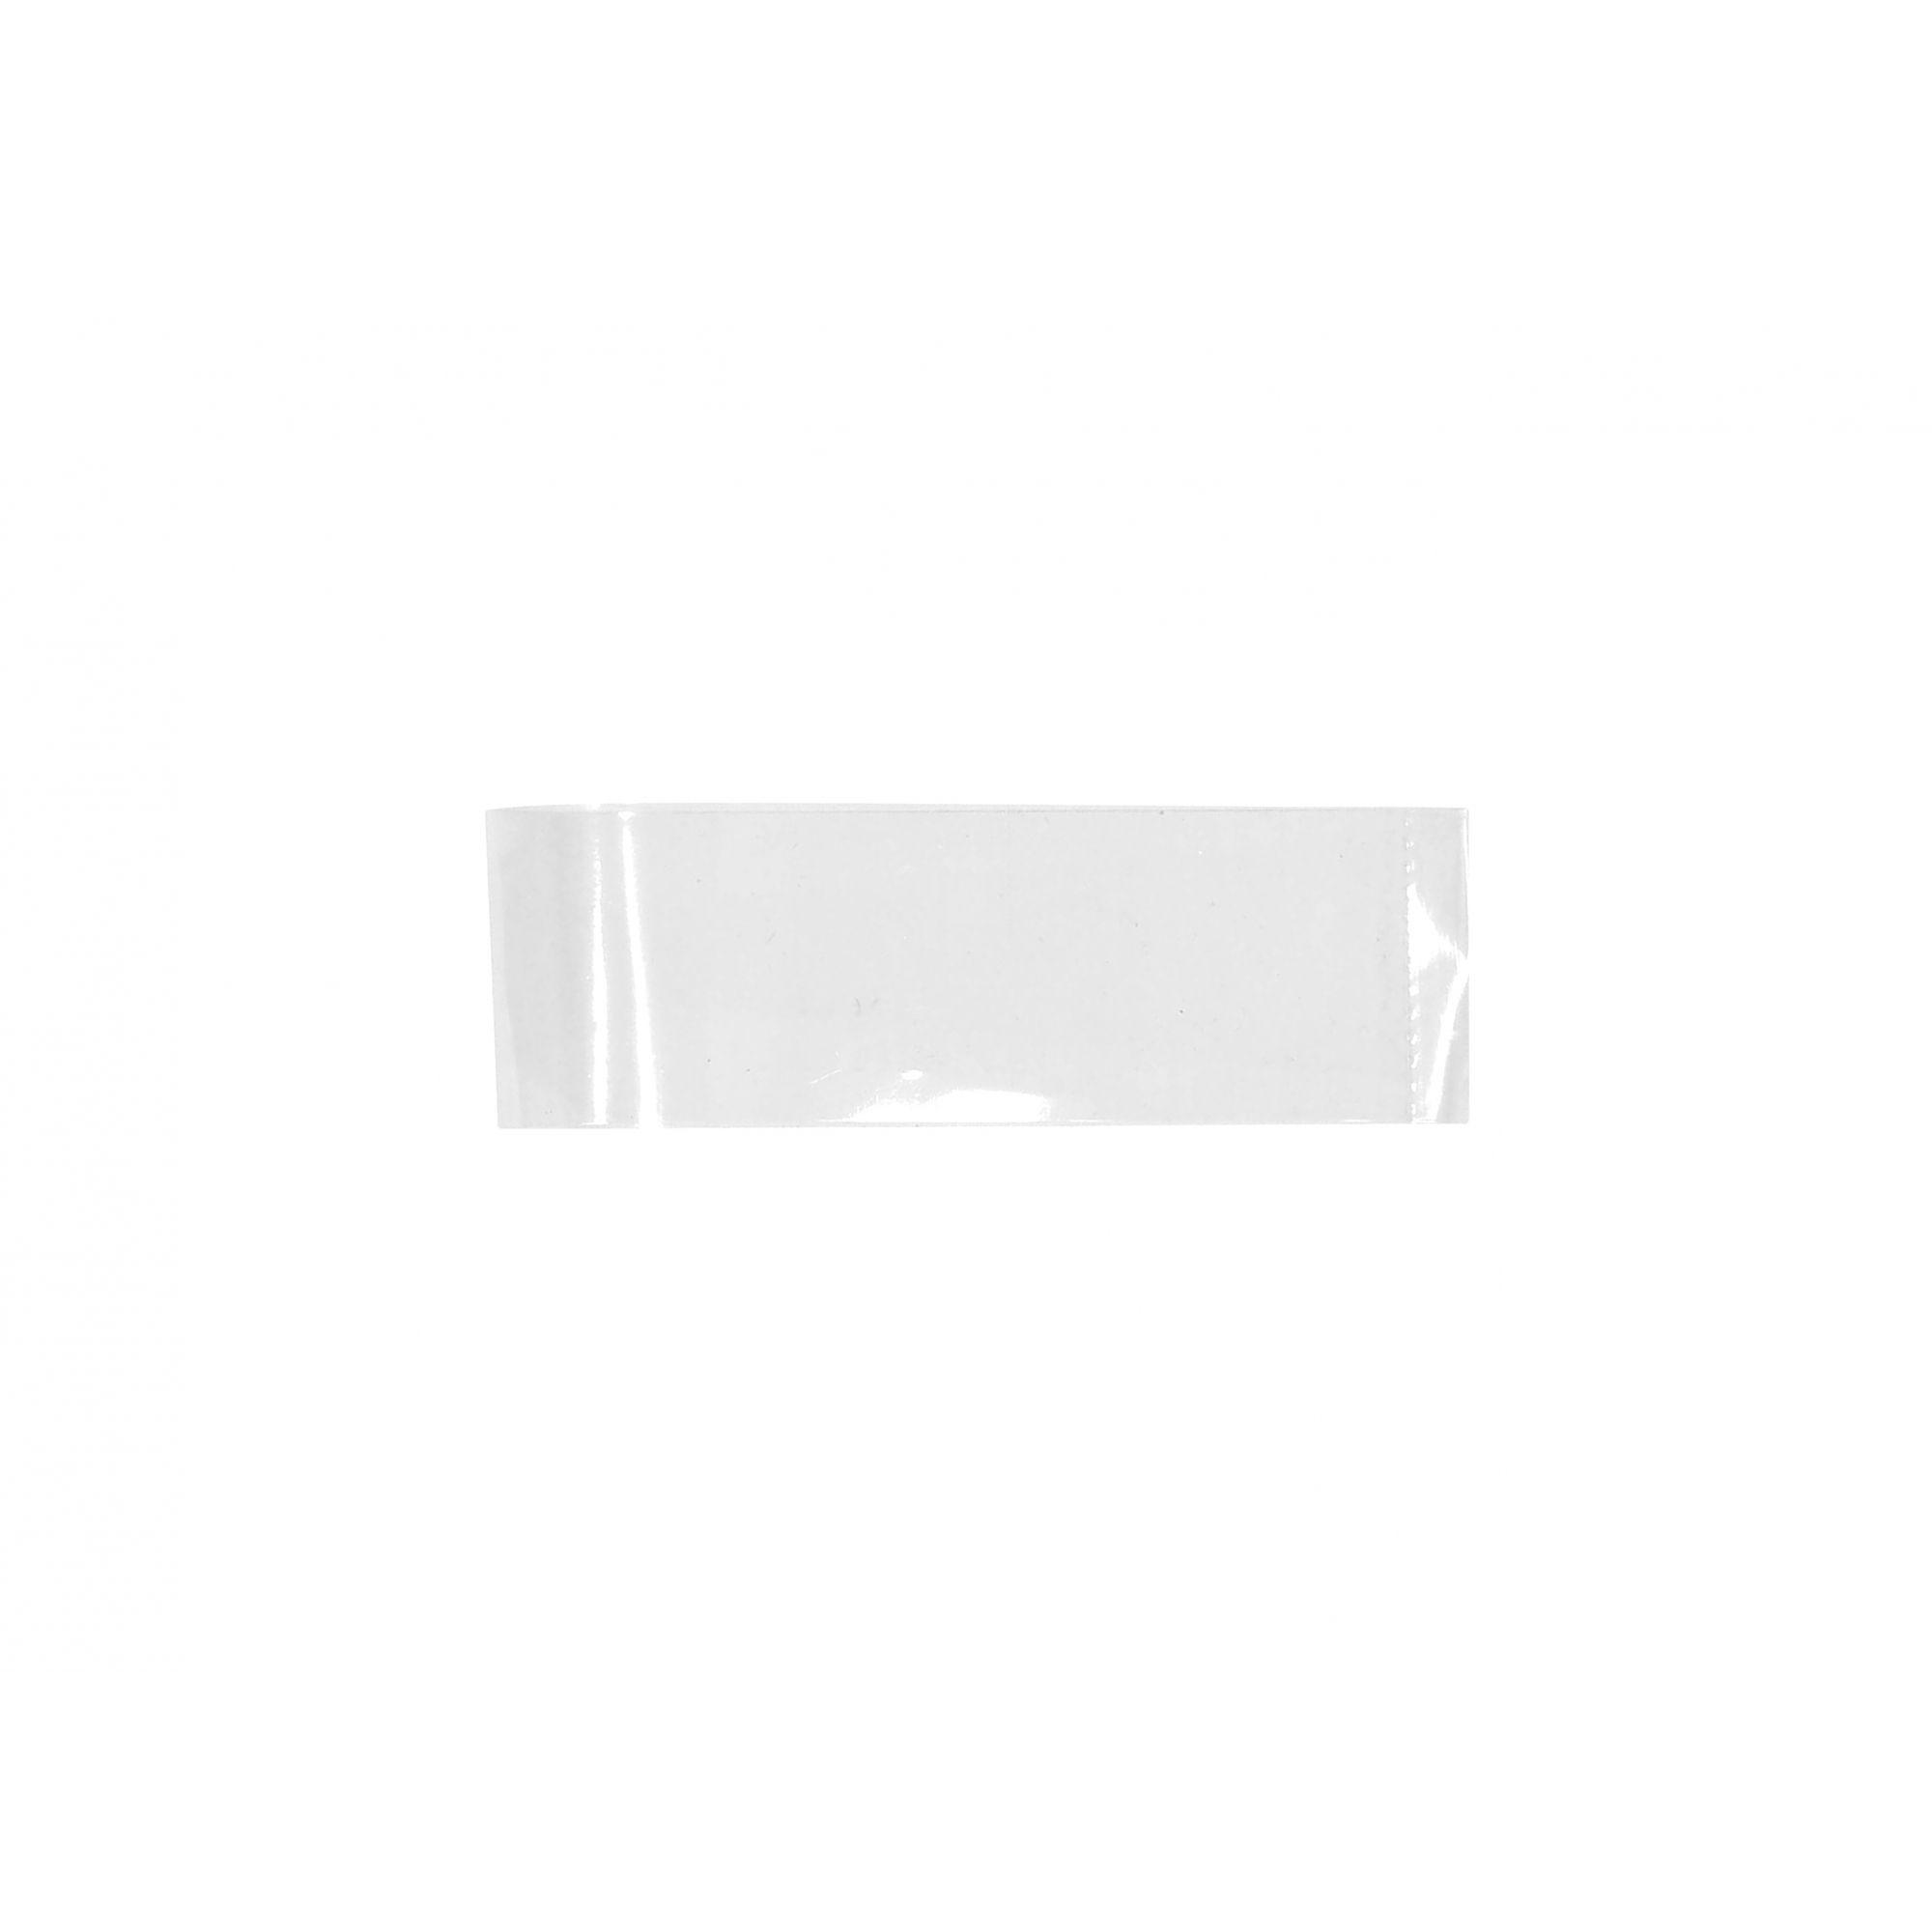 Lacre Termoencolhível 58mm Incolor - Kit com 200 Unidades